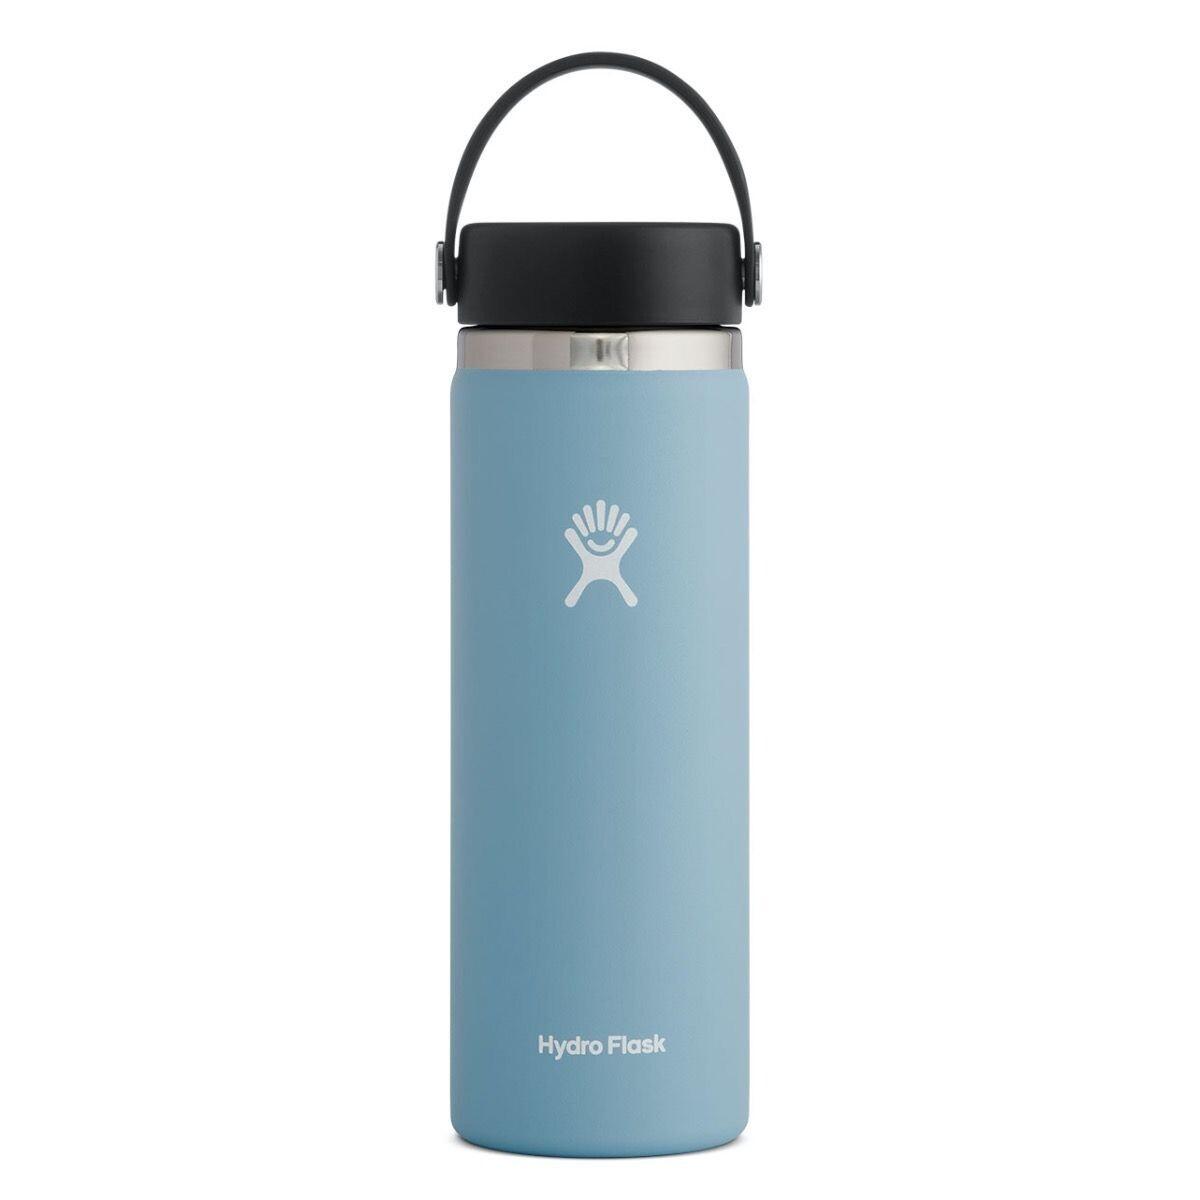 Hydro Flask 20 oz Wide Mouth Flex Sip Lid RAIN